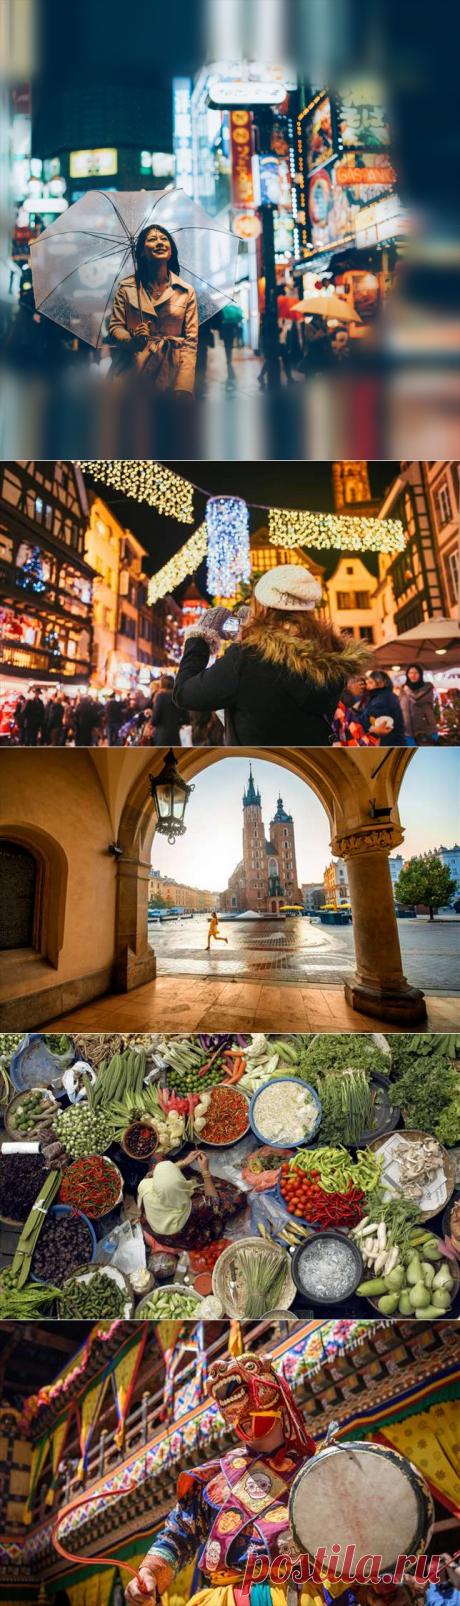 Идеи для путешествий по городам мира   momondo